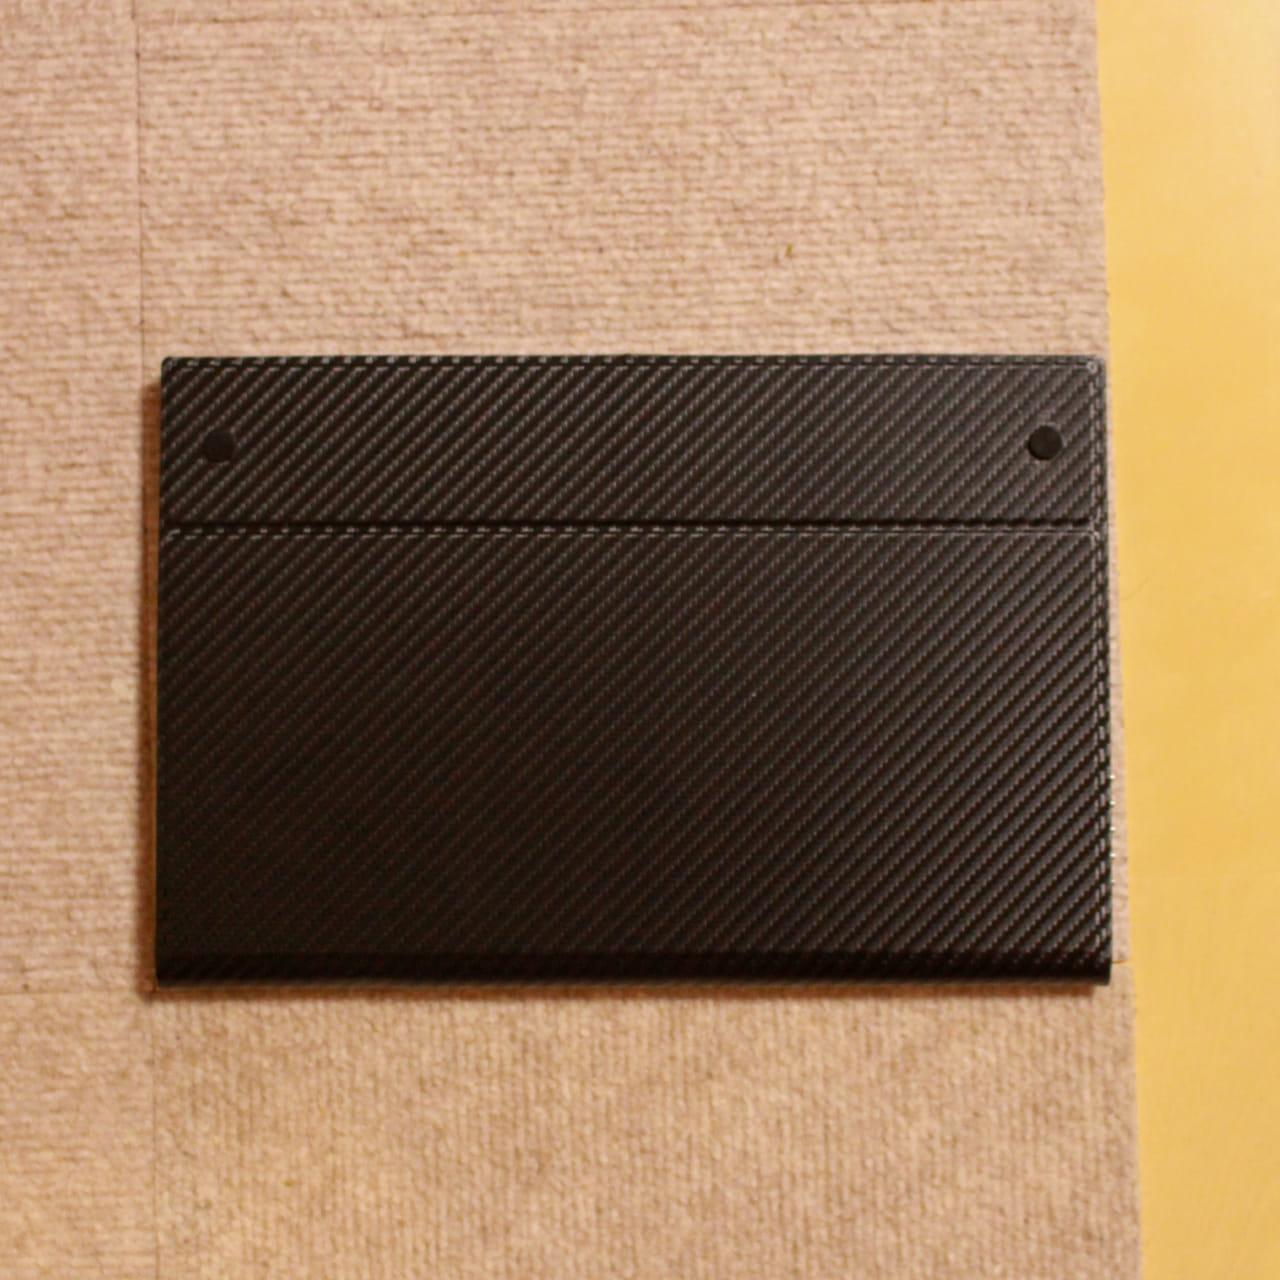 cocopar zg-125-2kpの保護カバーは裏面がネジ留めされています